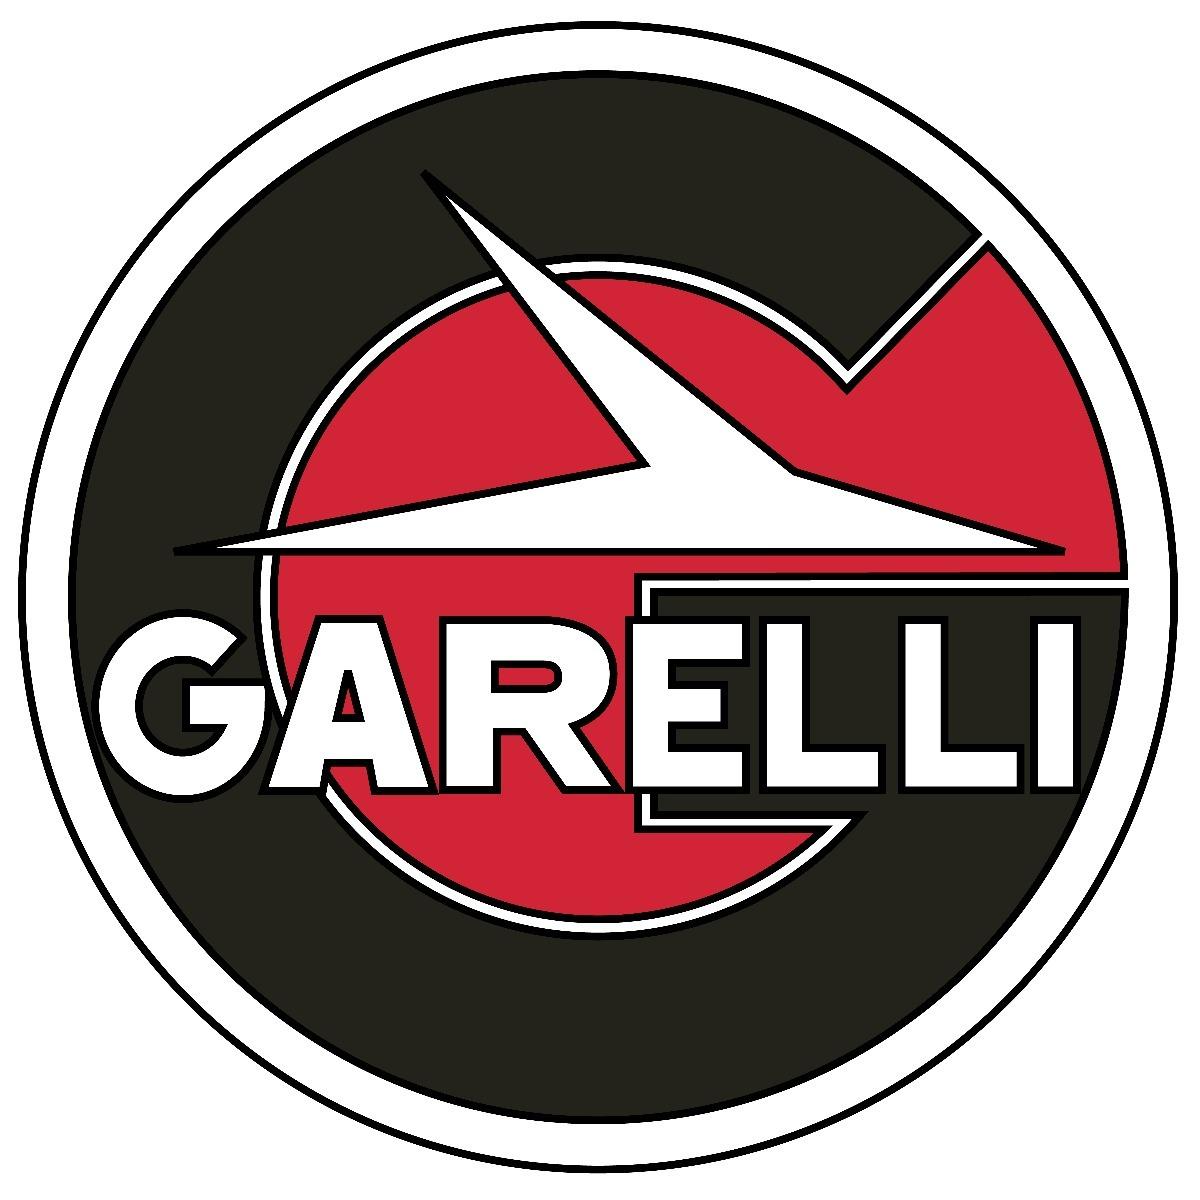 Garelli Manual L130 Deck Diagram Http Wwwpic2flycom L130deckdiagramhtml Array Moto E Cat Logos Impressos Em Ingl S R 13200 Rh Produto